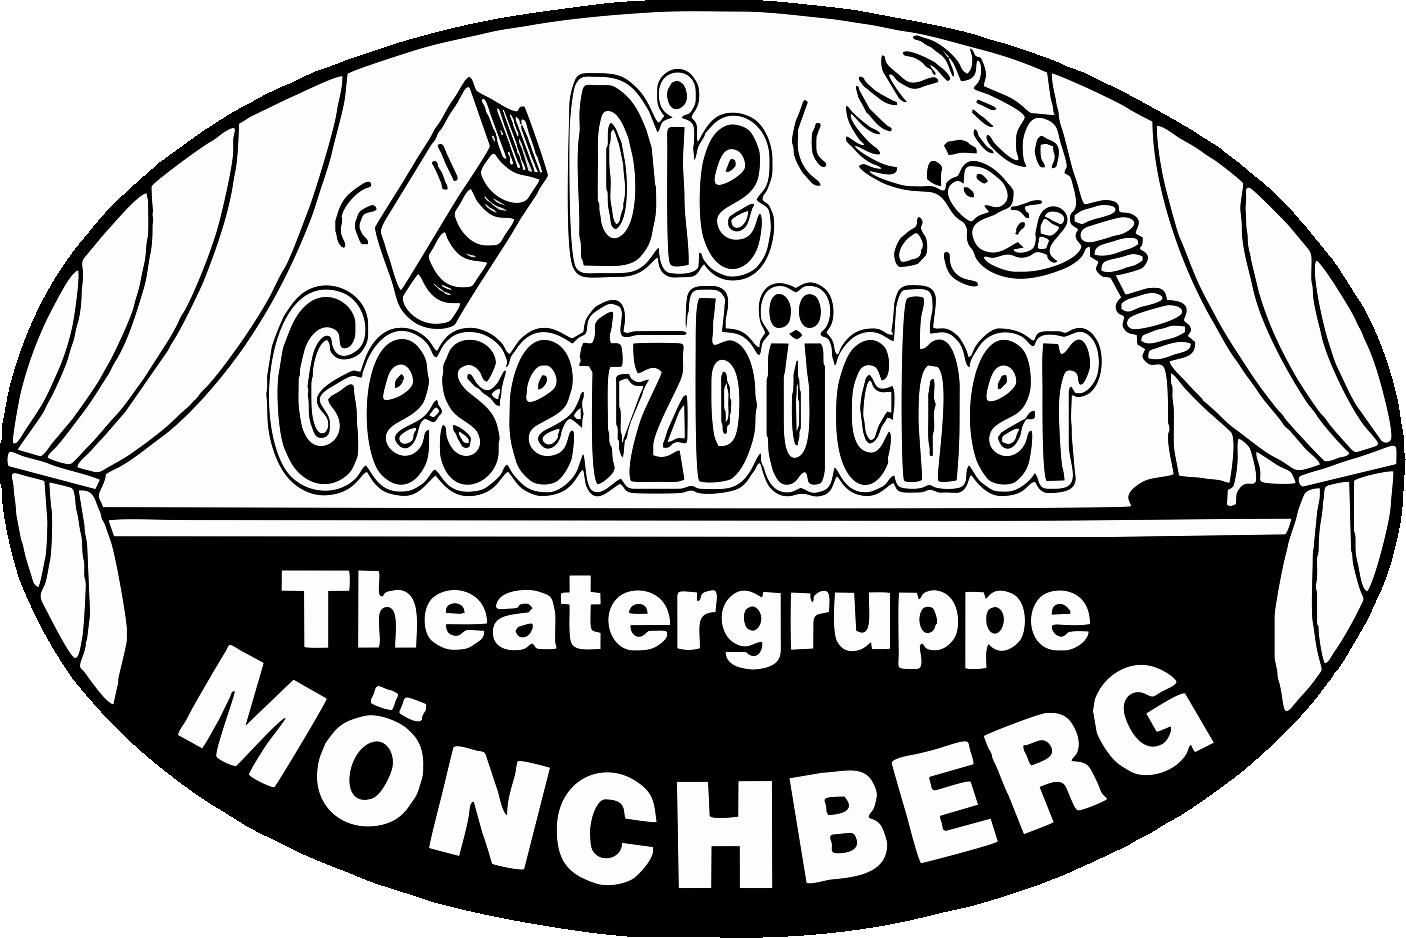 Theatergruppe Mönchberg stellt sich vor